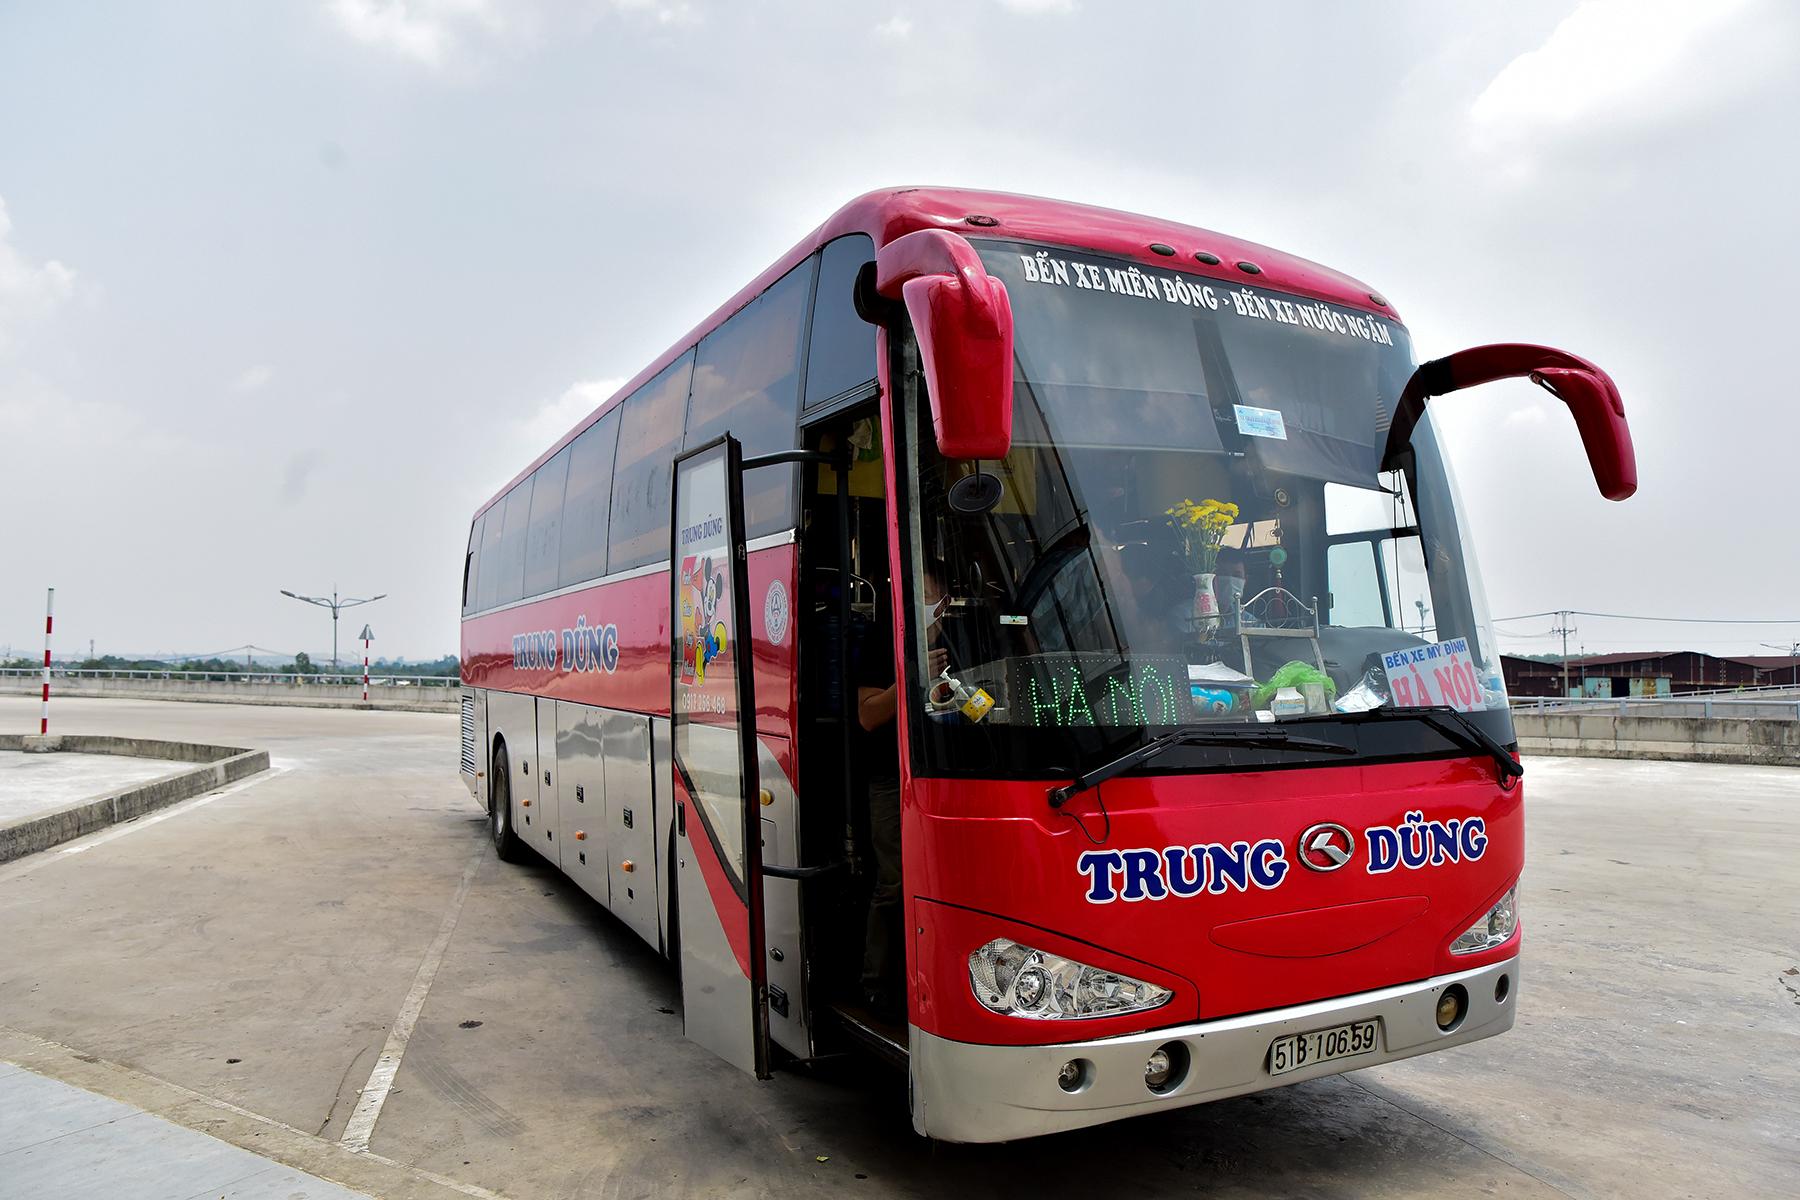 Canh diu hiu tai ben xe lon nhat nuoc o Sai Gon 15 1617300161 480 width1800height1200 Cảnh đìu hiu tại bến xe lớn nhất Việt Nam